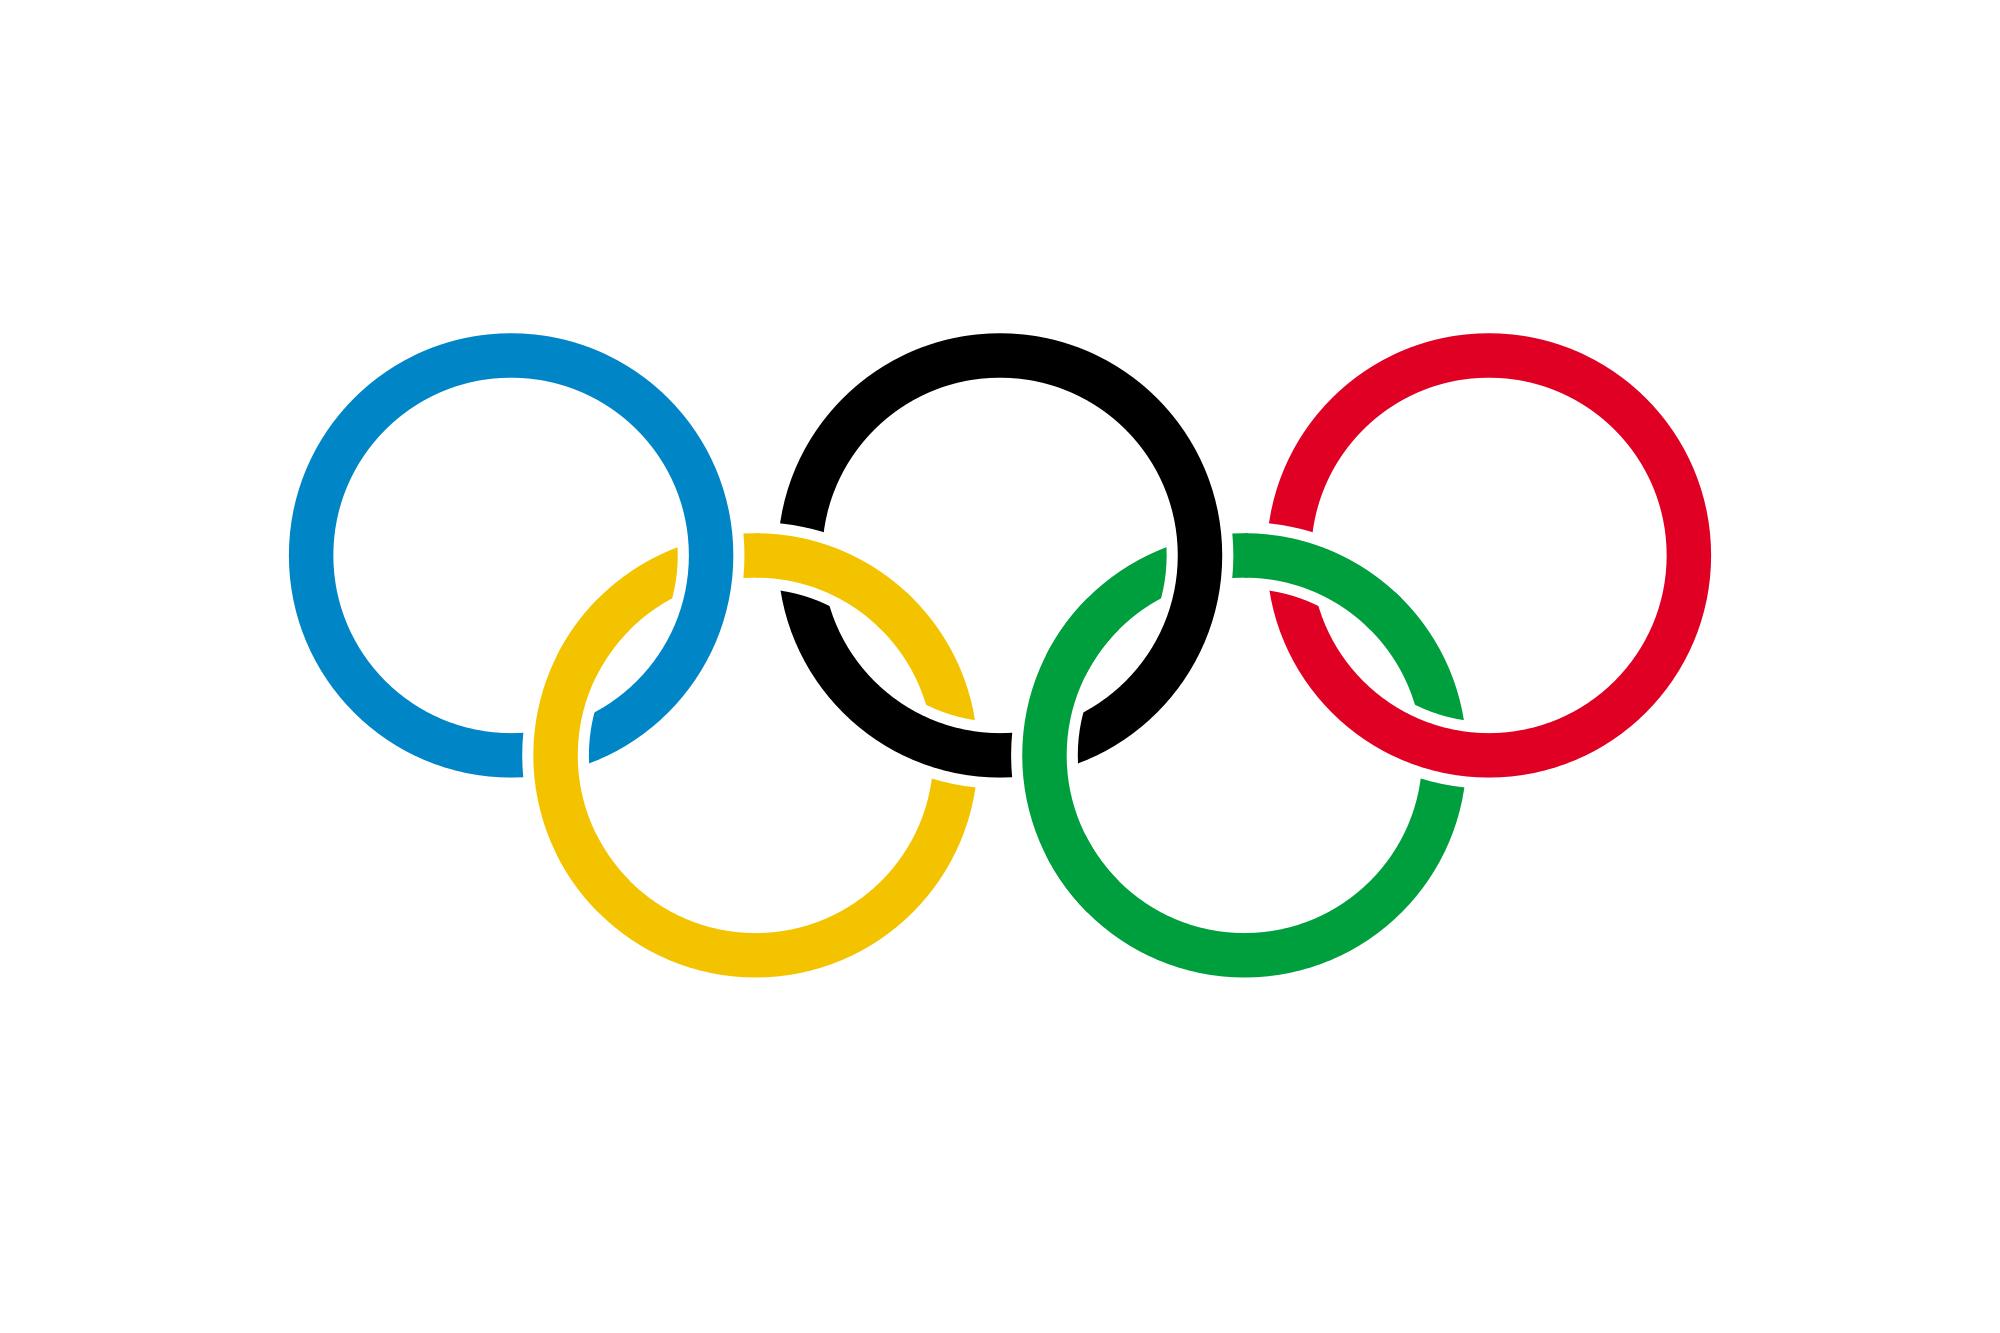 Giochi Olimpici Invernali 2026 immagine